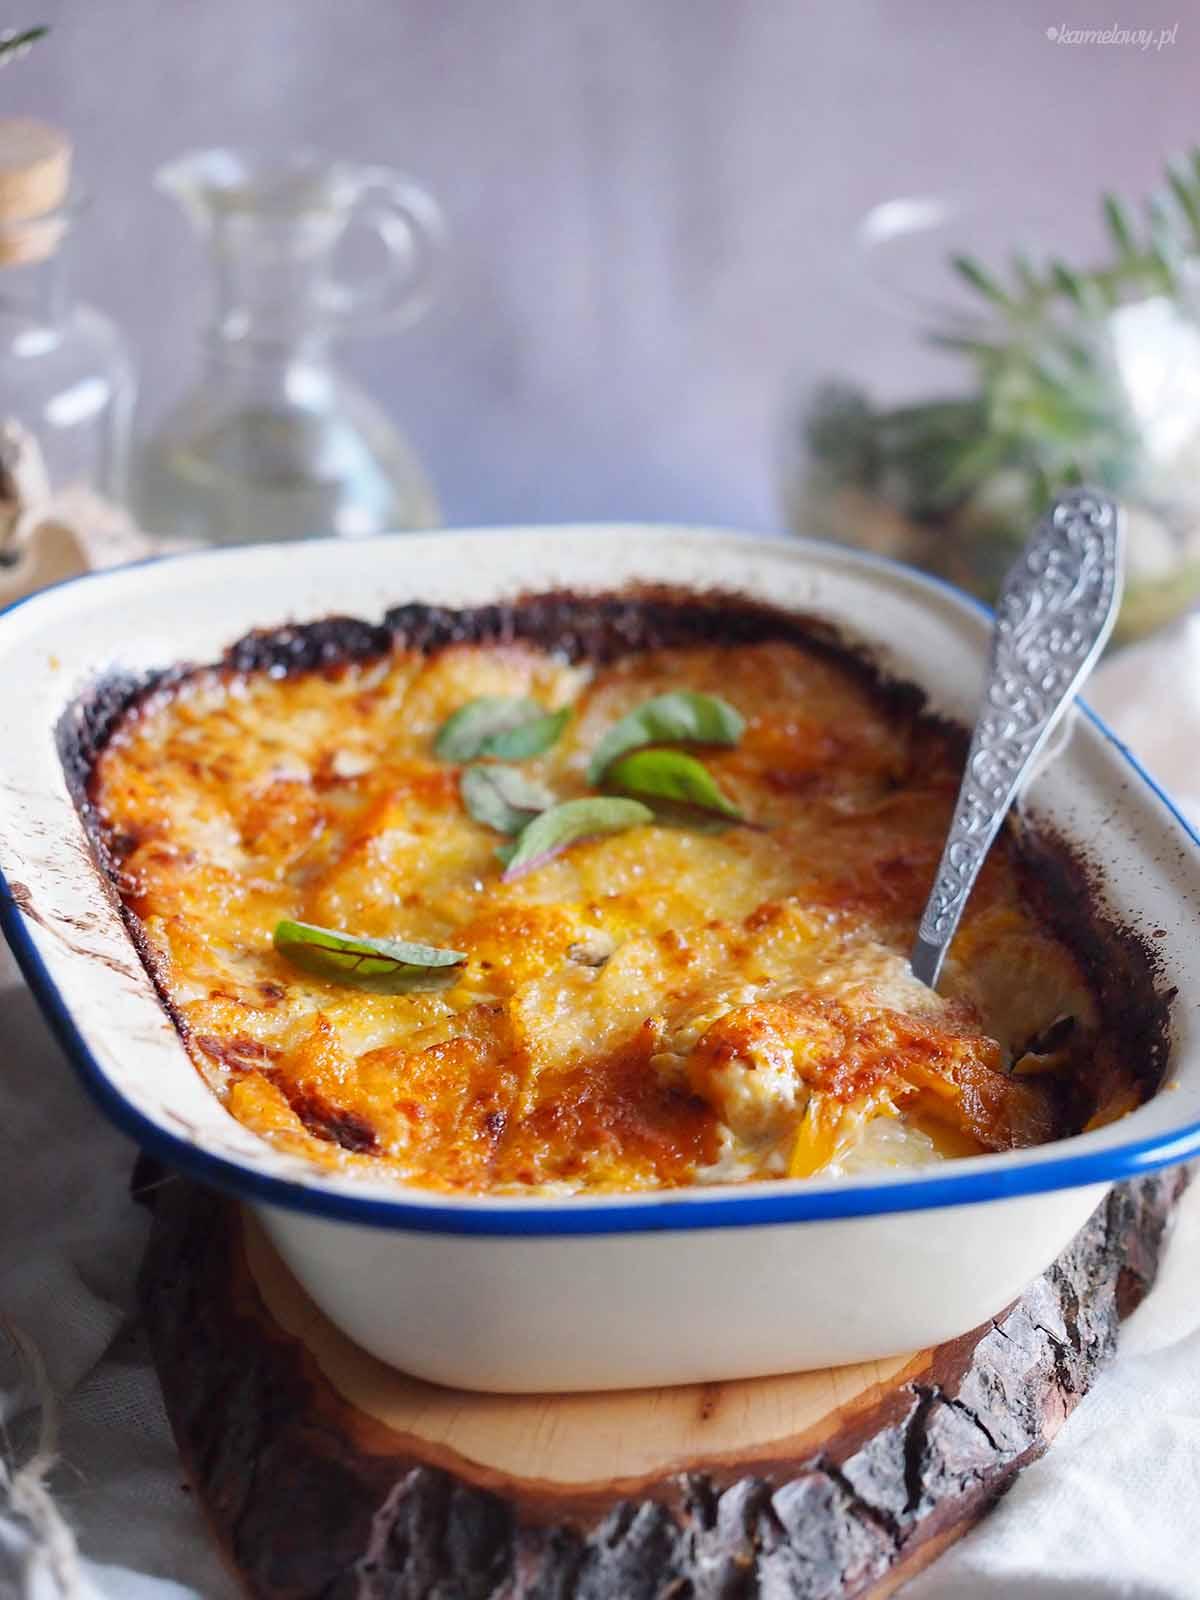 Ziemniaki-zapiekane-z-dynia-i-brie-Pumpkin-potato-gratin-with-brie